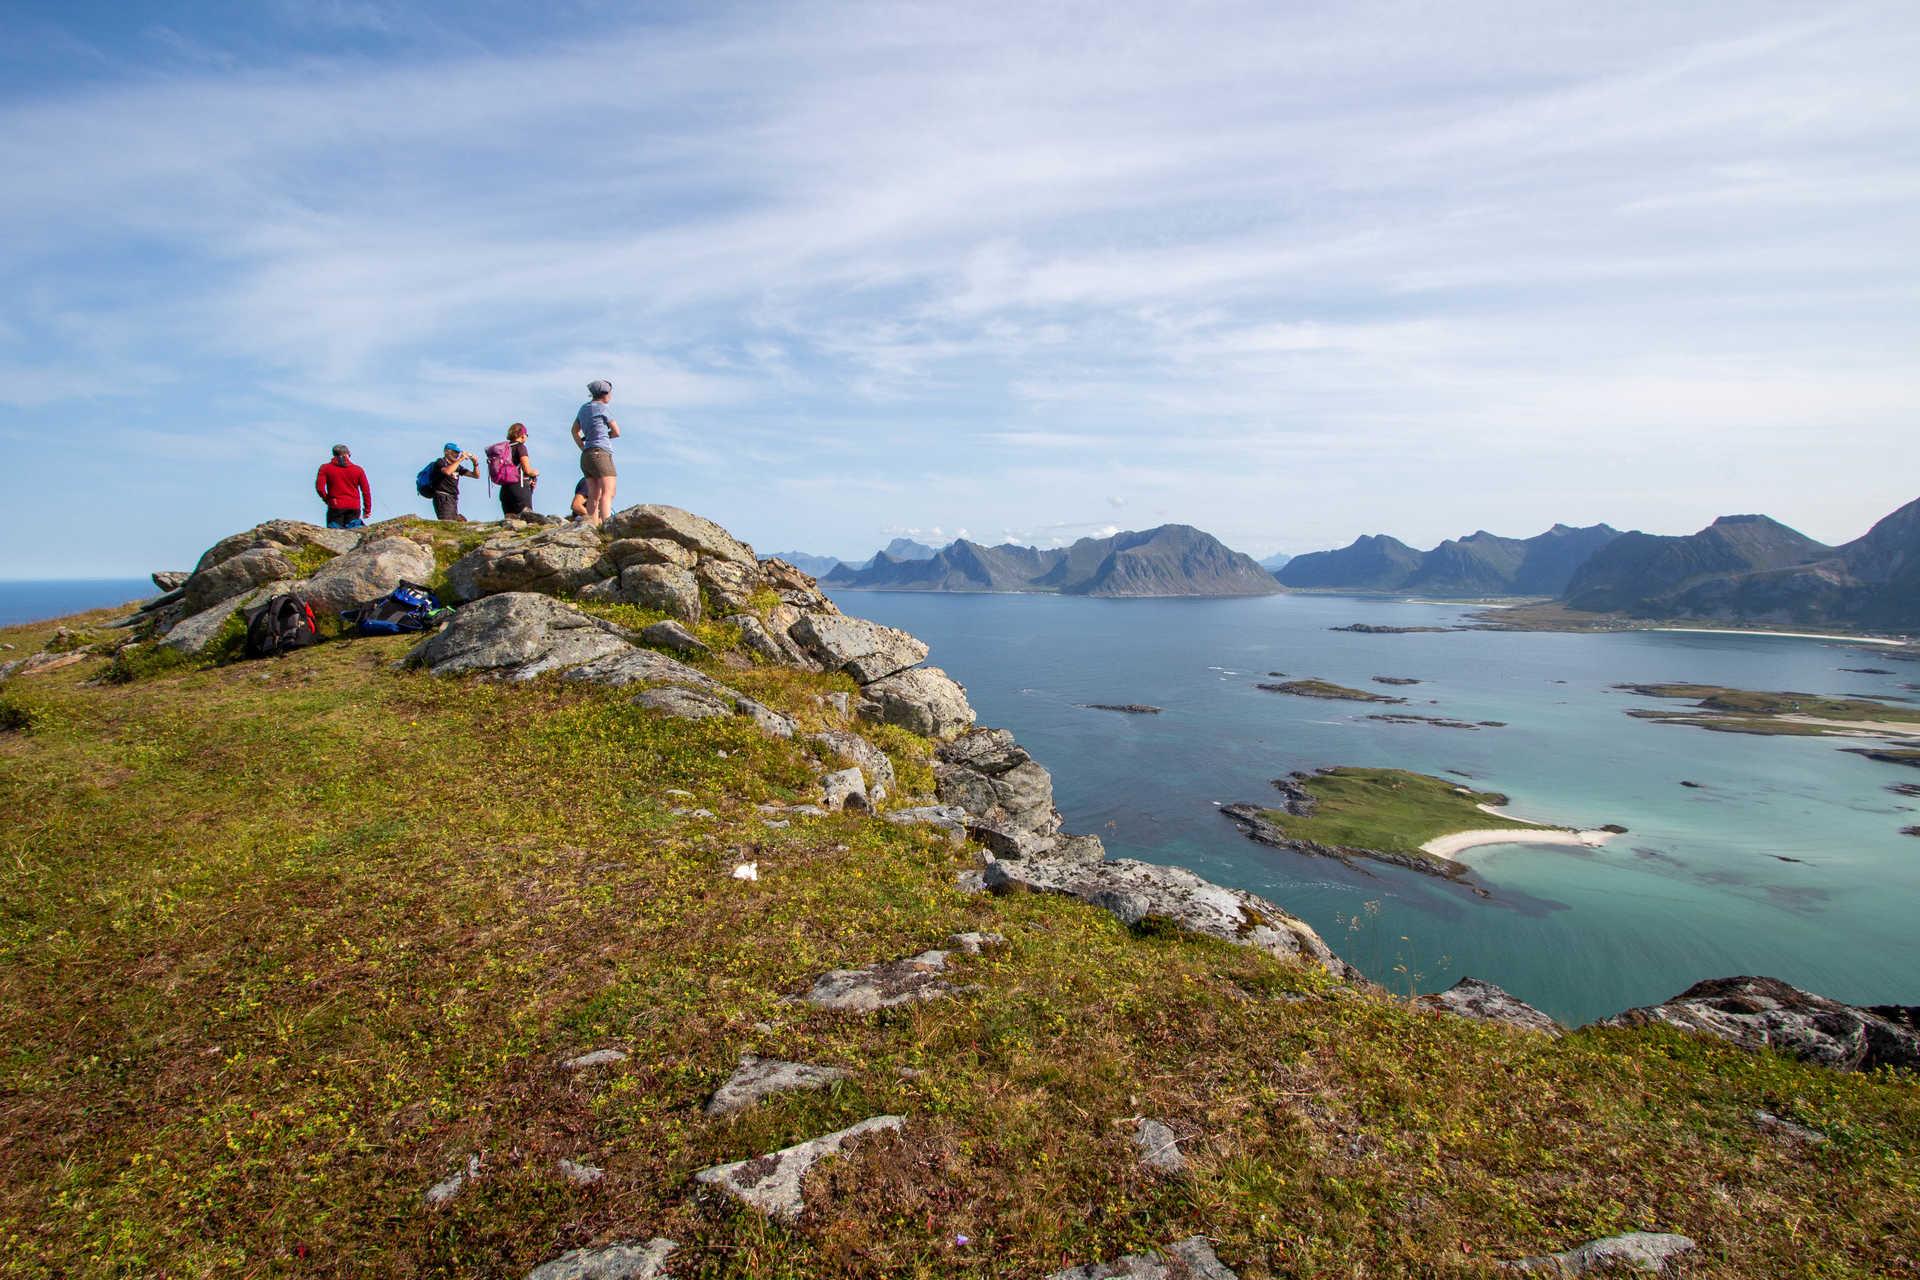 Randonnée dans les îles Lofoten et vue sur la plage Yttersand